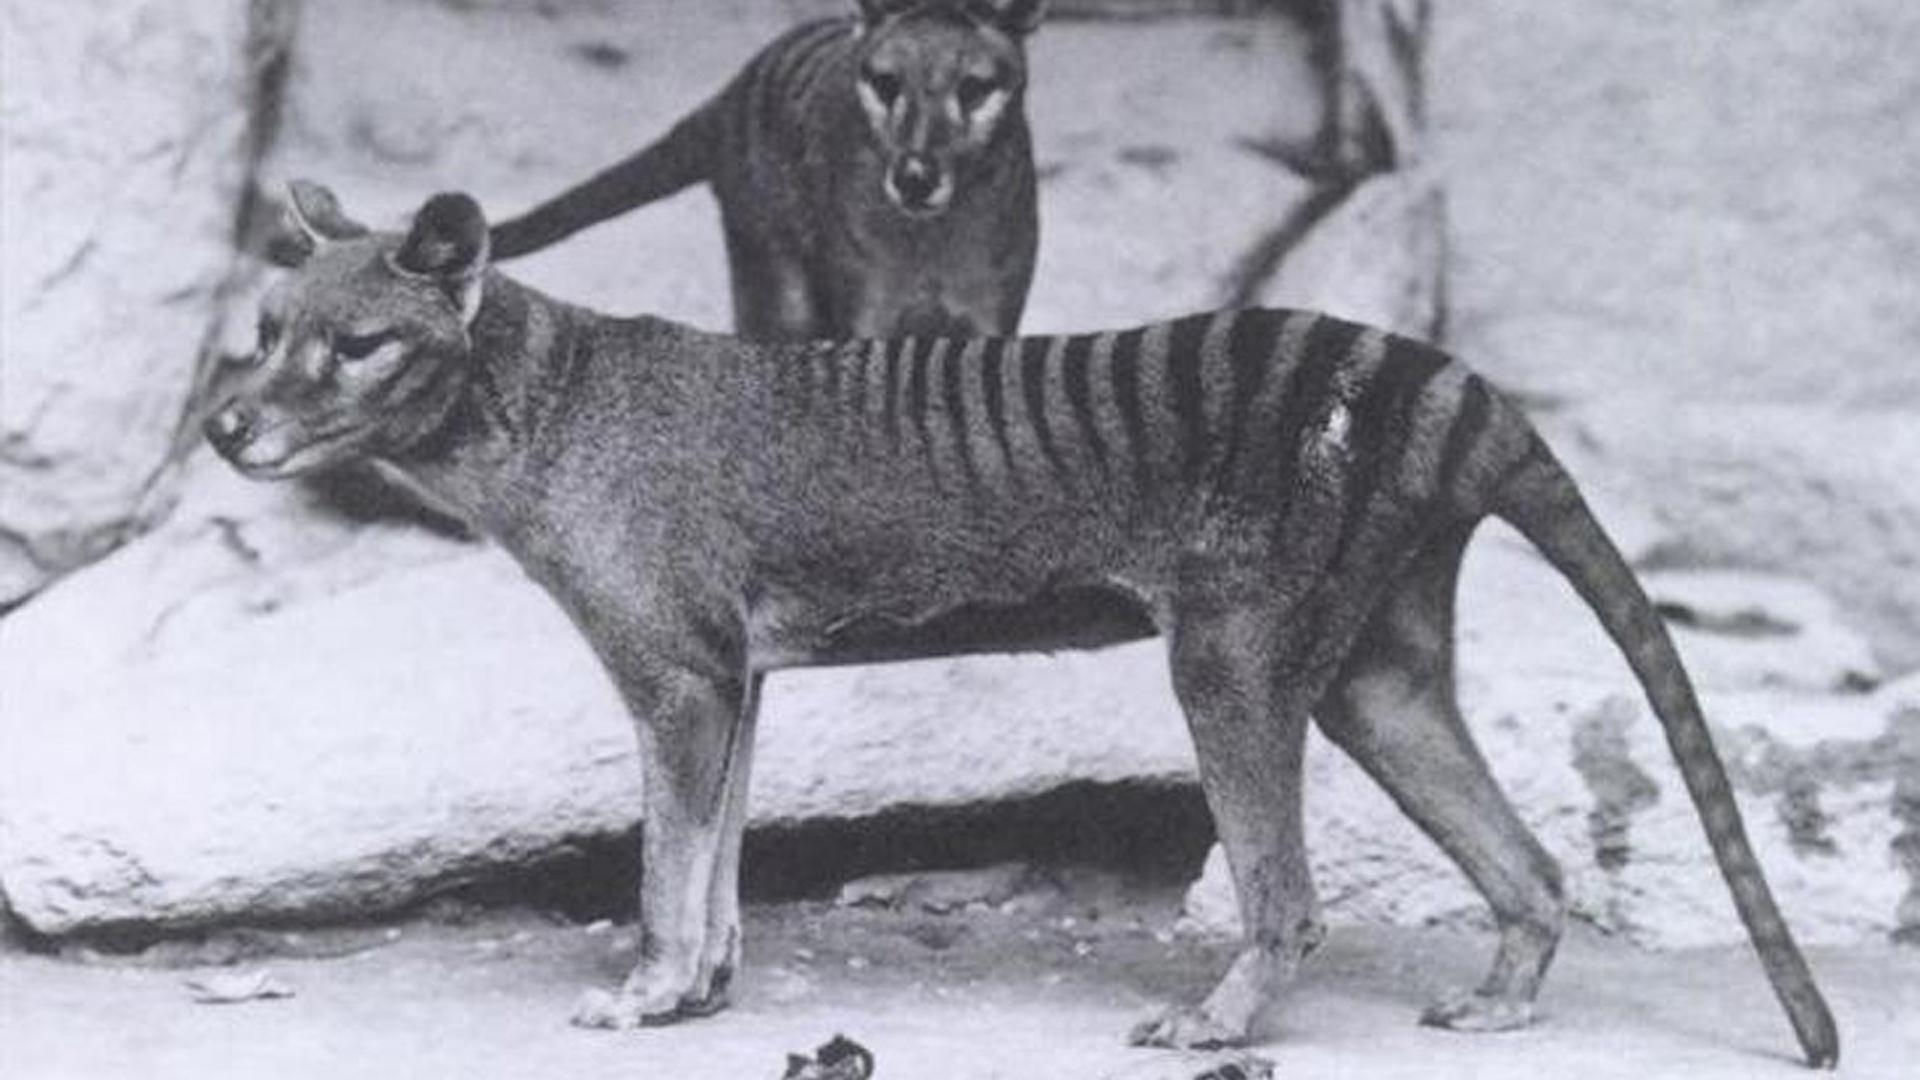 El tigre de Tasmania, lobo marsupial o tilacino (Thylacinus cynocephalus) es una de las especies extintas más emblemáticas